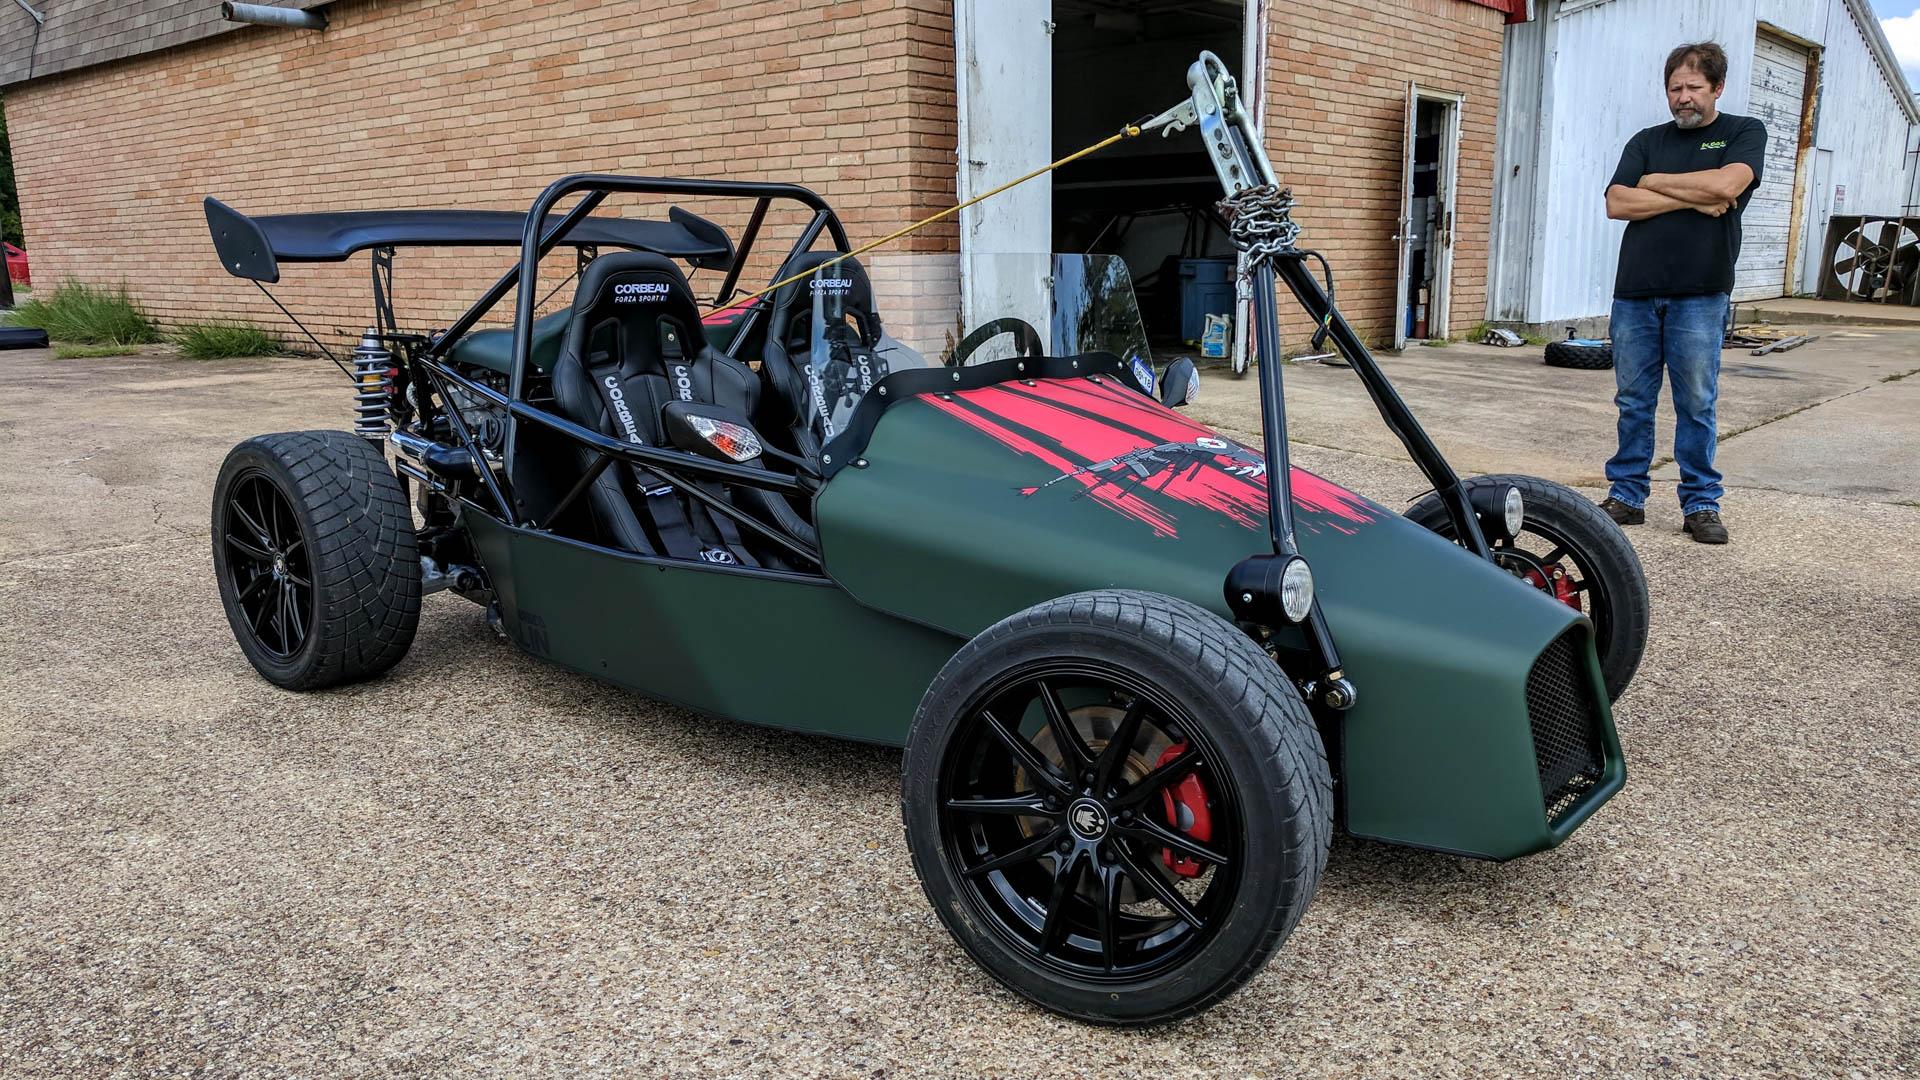 Df Kit Car >> Df Kit Car Photo Gallery